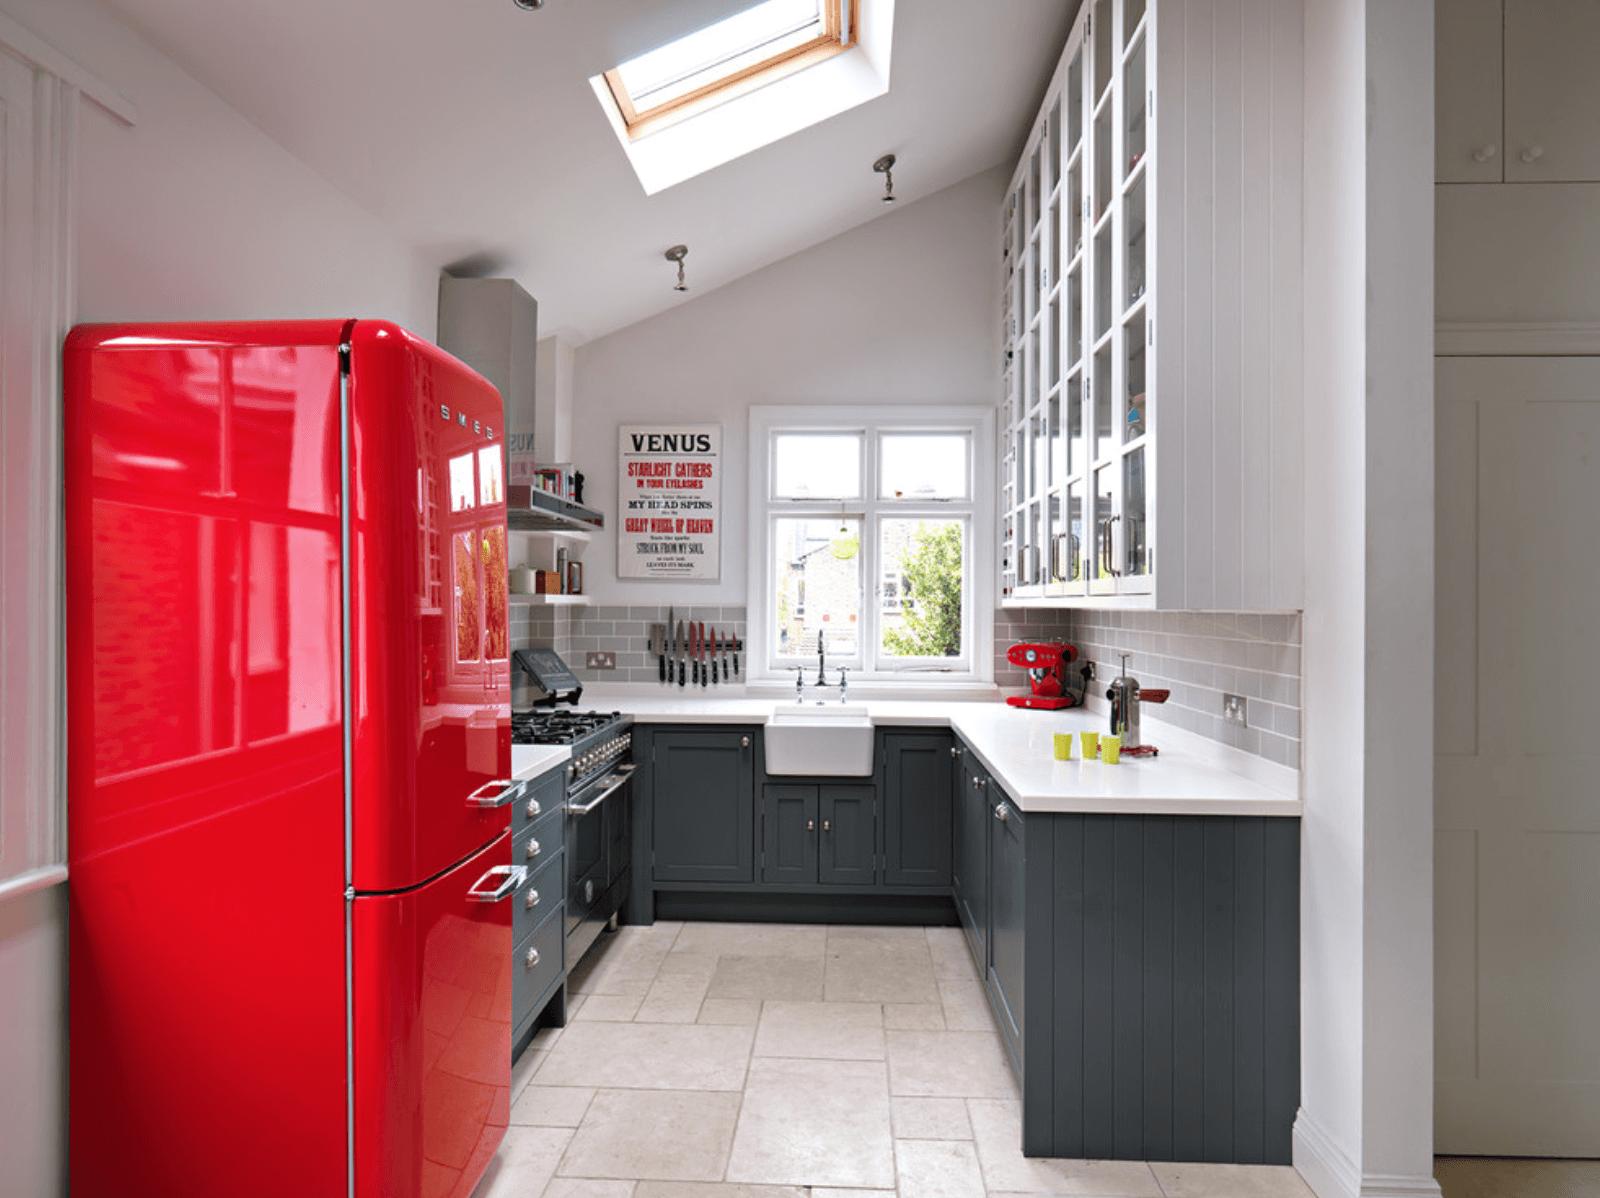 Холодильник на кухне 12 метров кв.